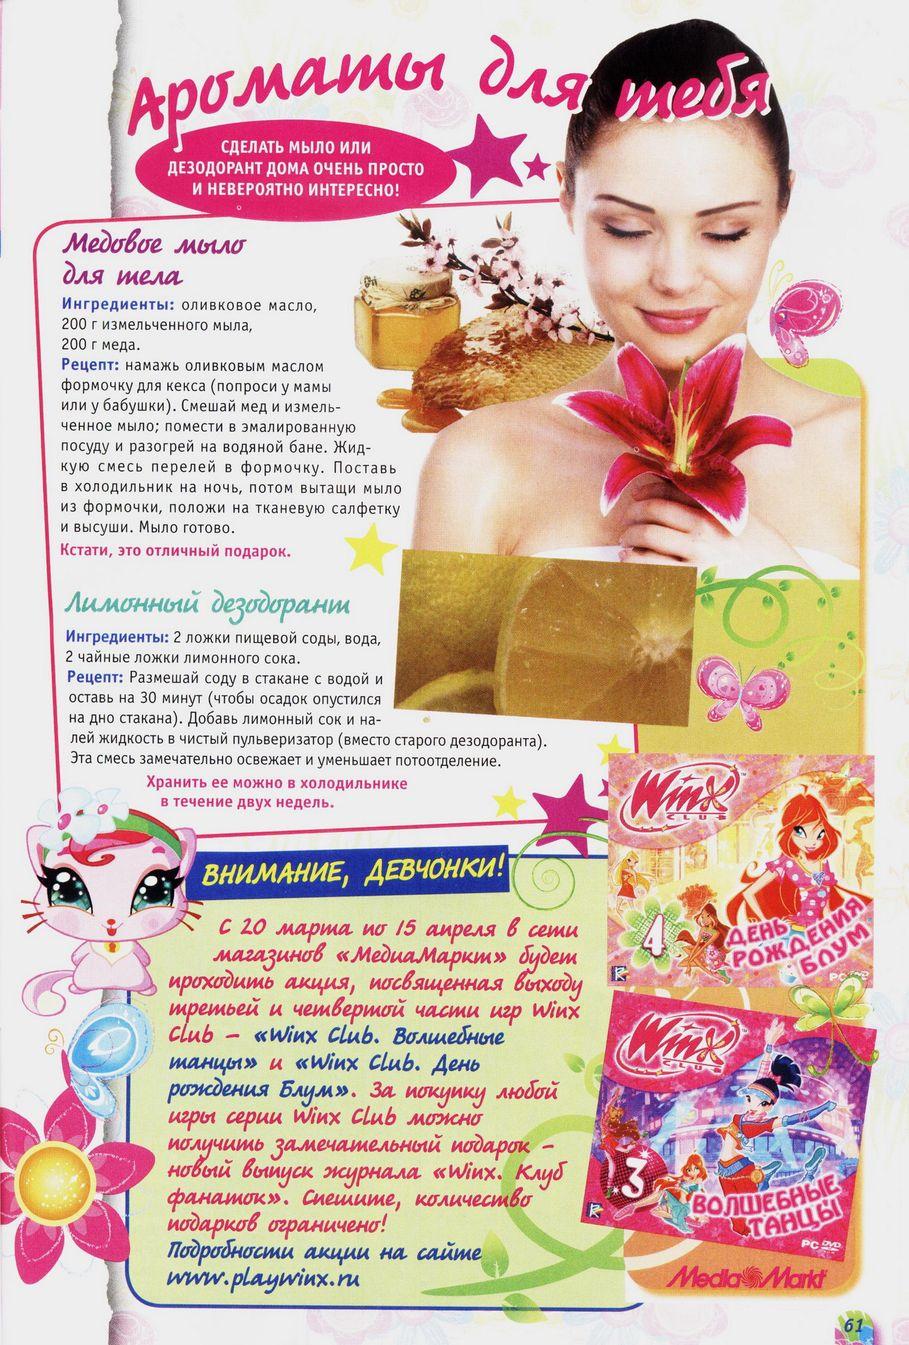 Комикс Винкс Winx - Месть моря (Журнал Винкс №4 2011) - стр. 61